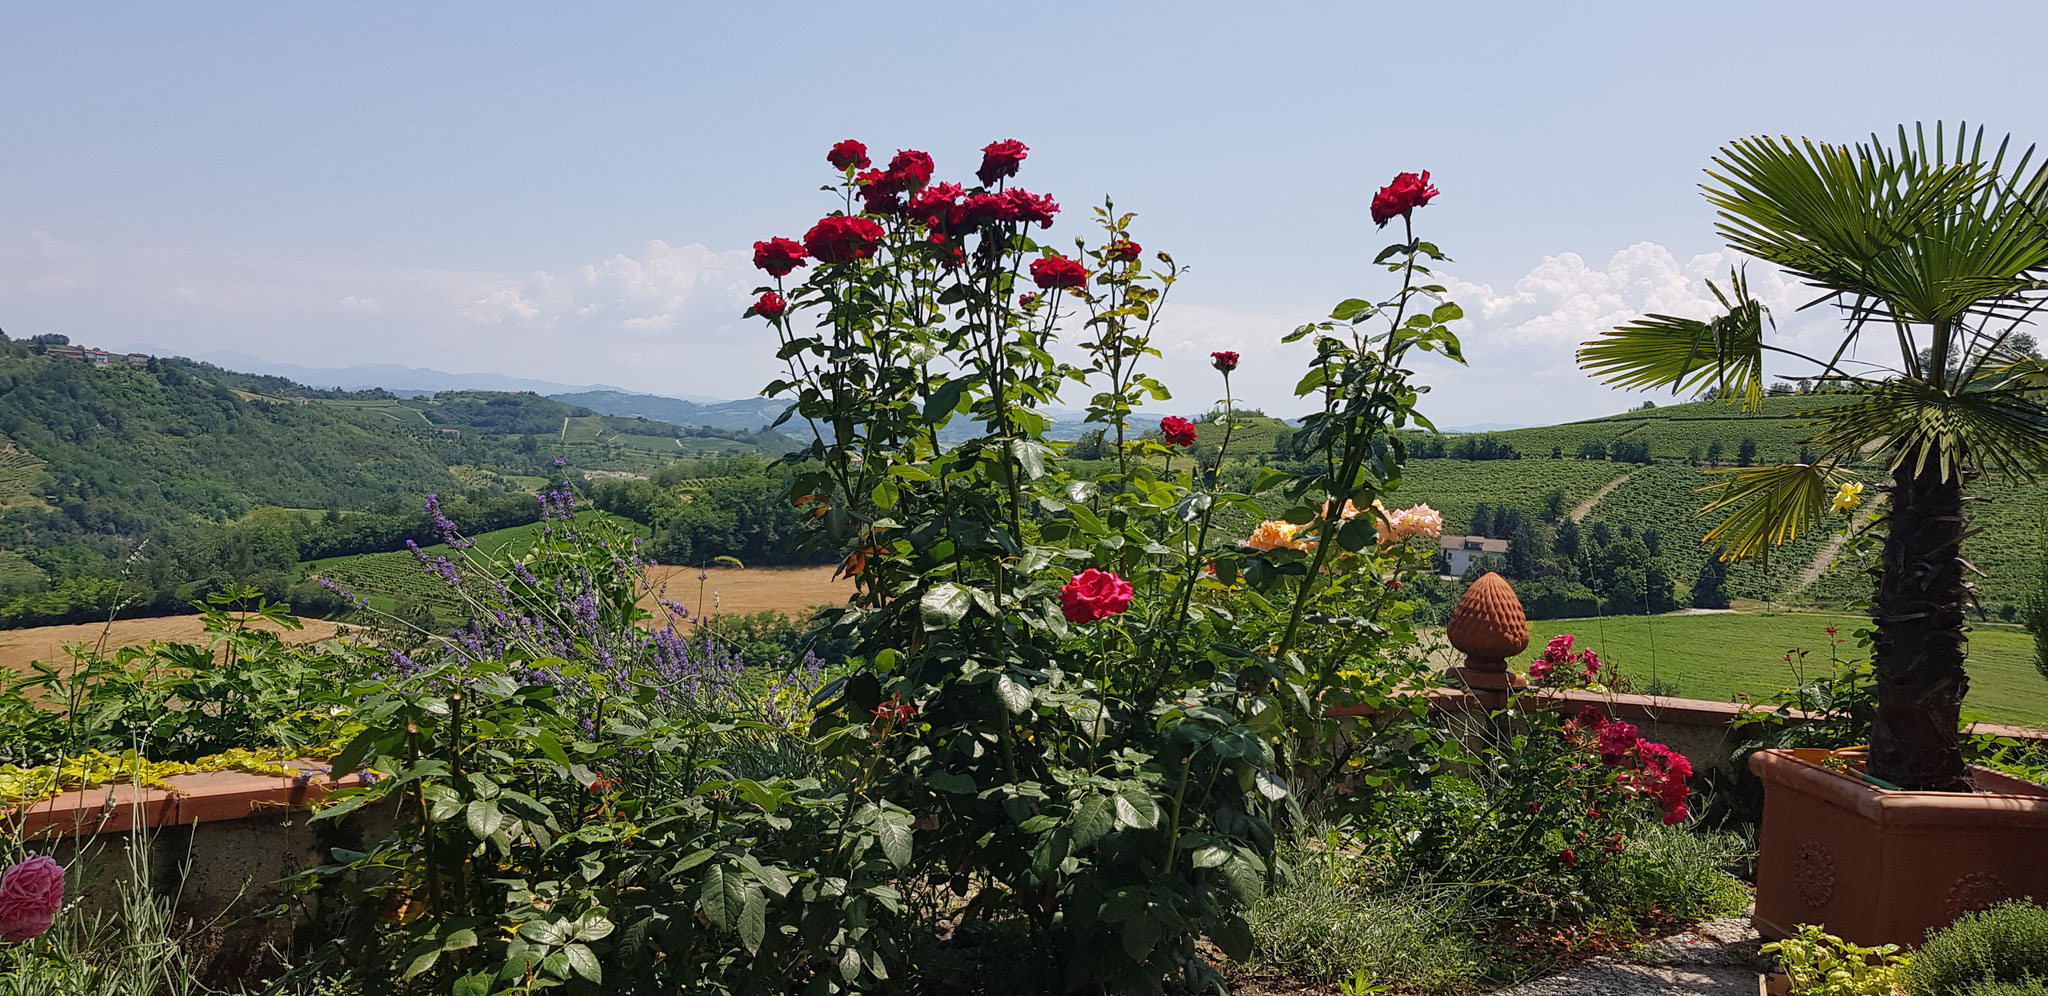 Rosen in voller Blüte